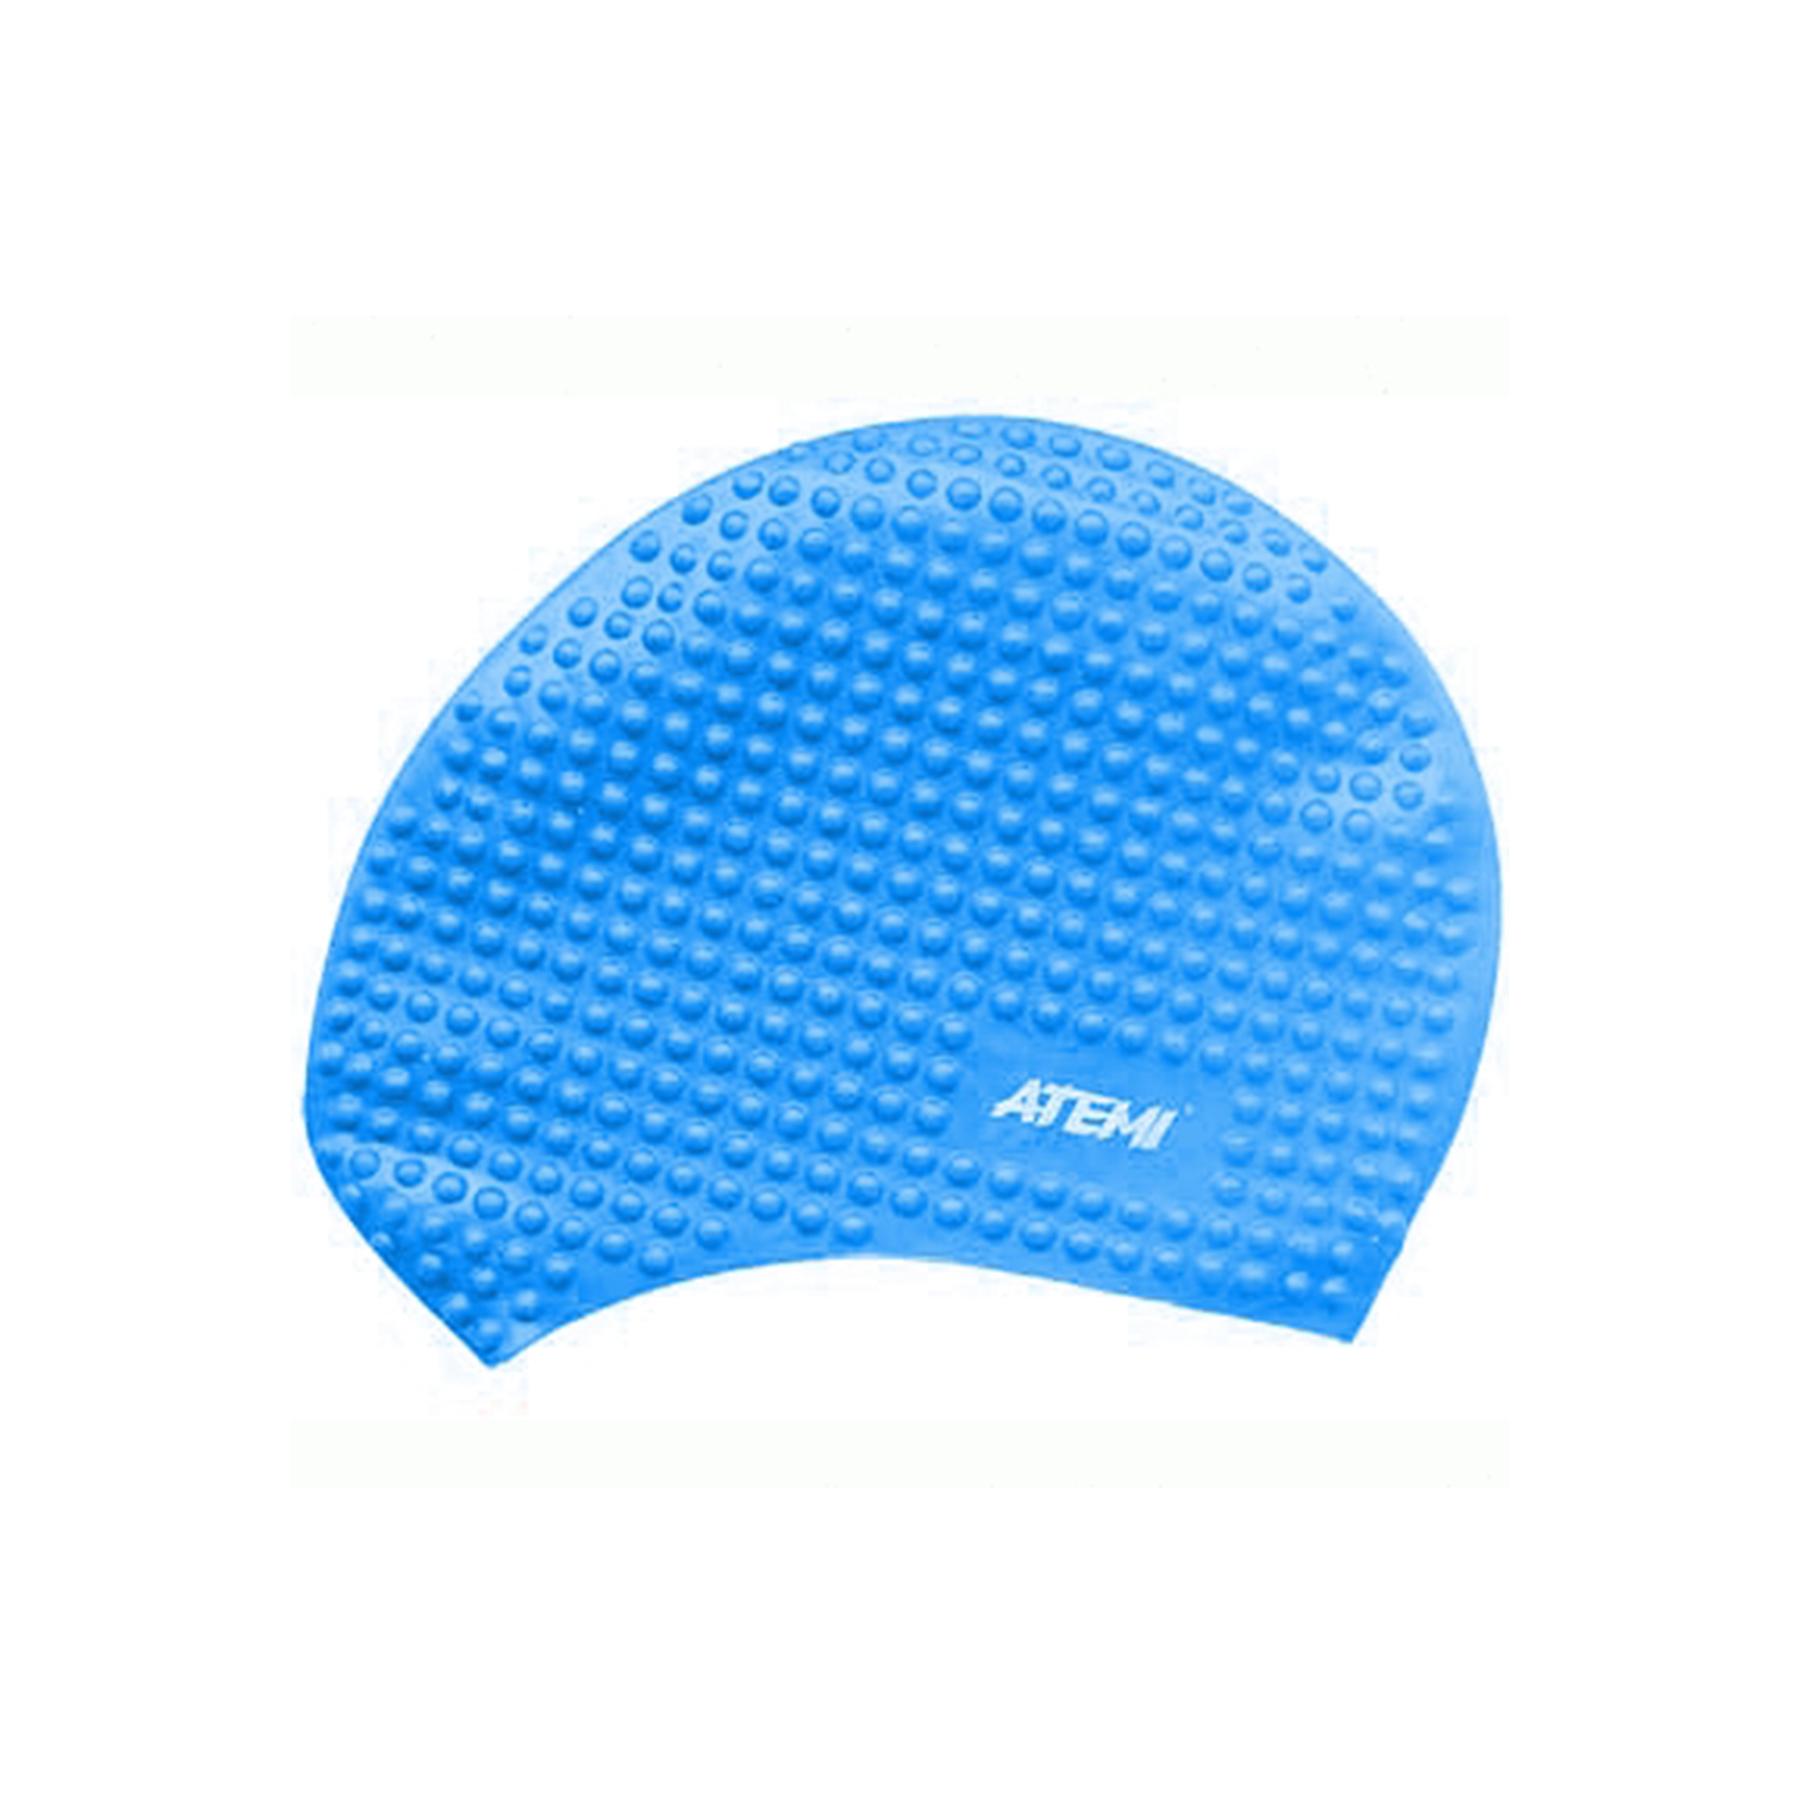 Шапочка АТ BS 60 силикон для длинных волос бабл голубая